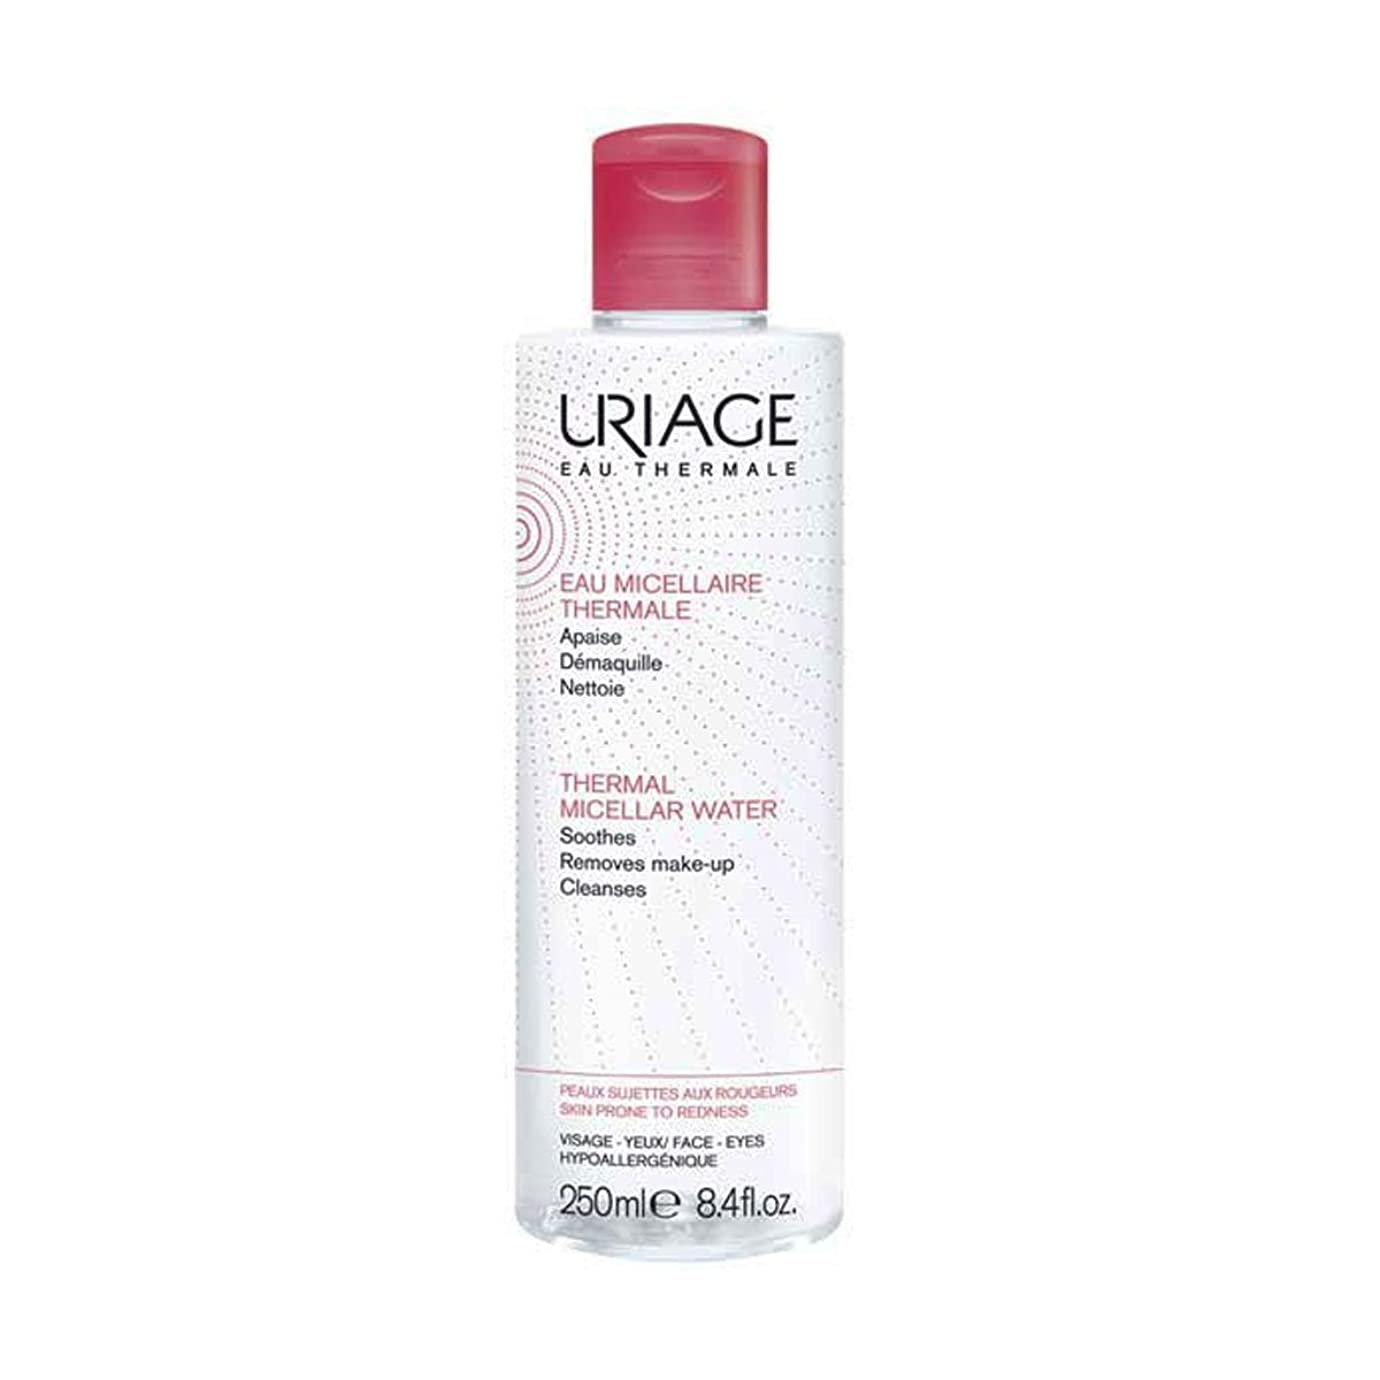 サイレントクリケット弱いUriage Thermal Micellar Water Skin Prone To Redness 250ml [並行輸入品]